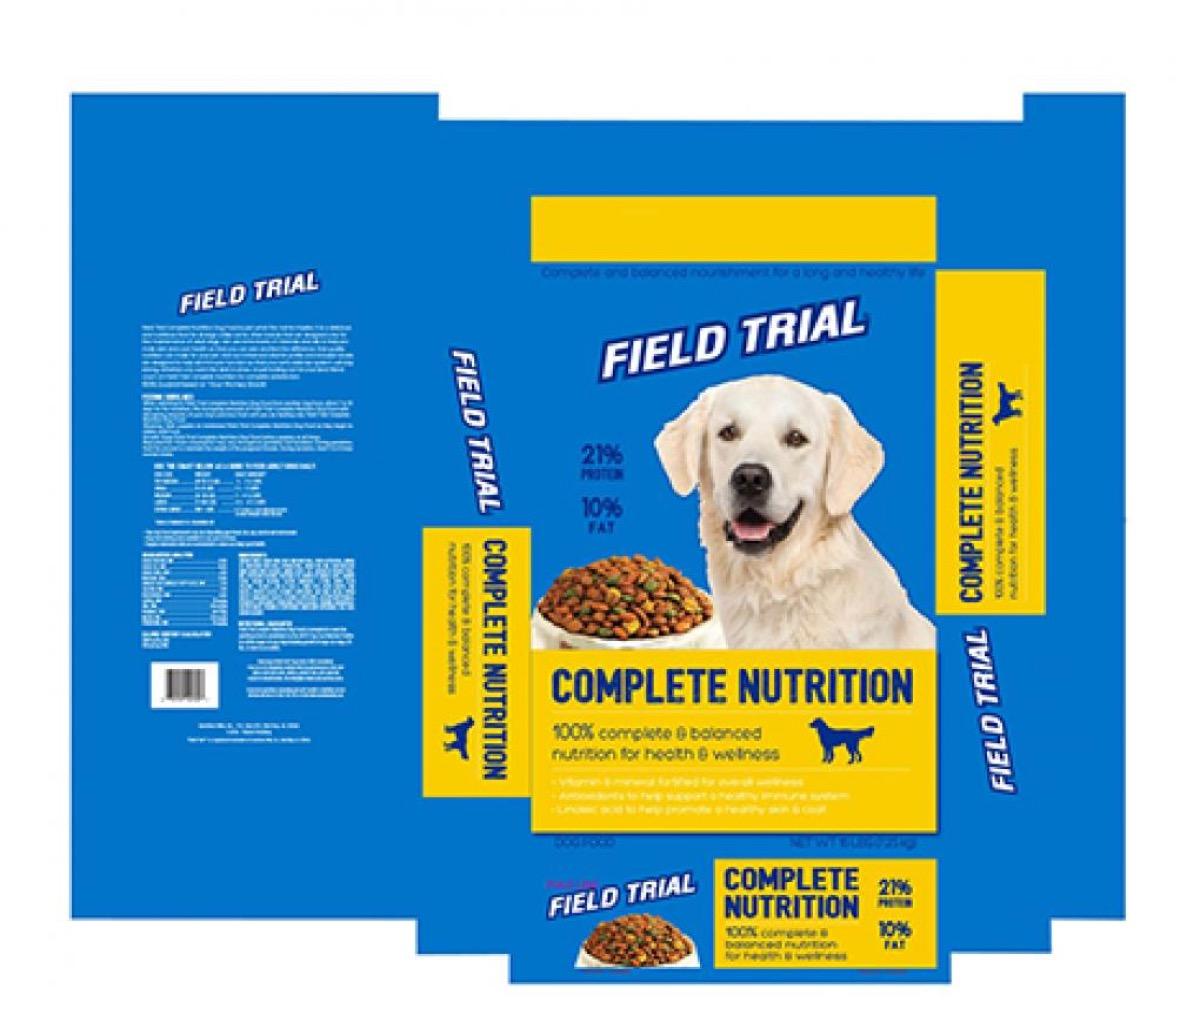 Field Trial dog food